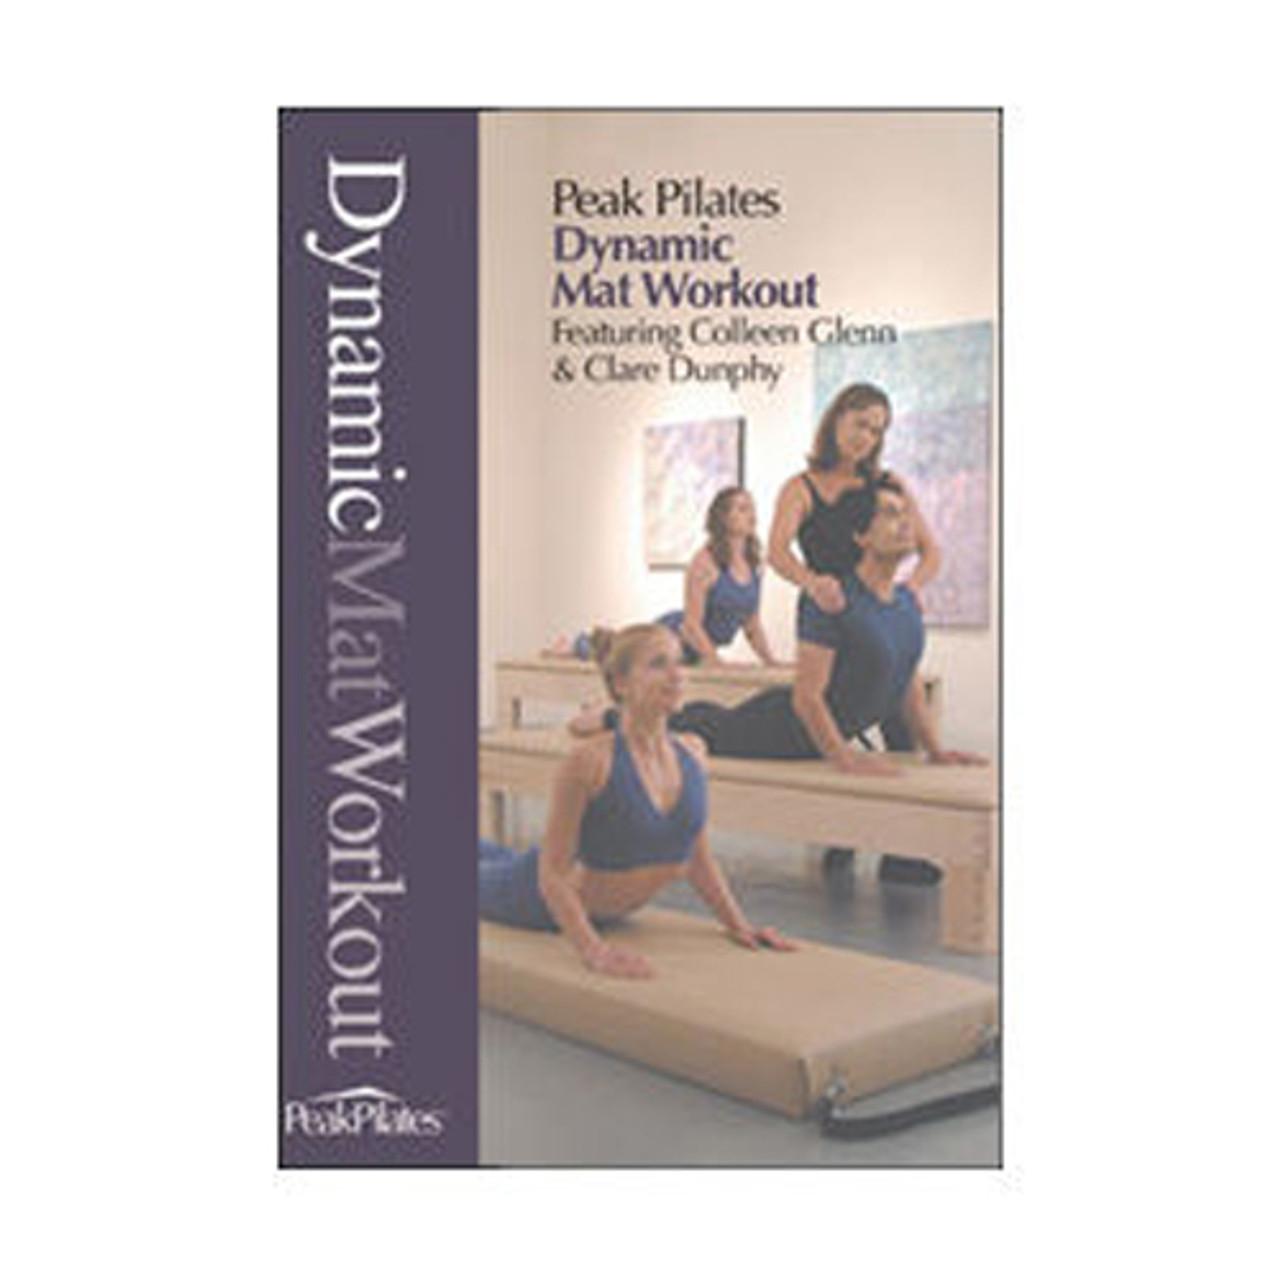 Dynamic Mat Workout DVD